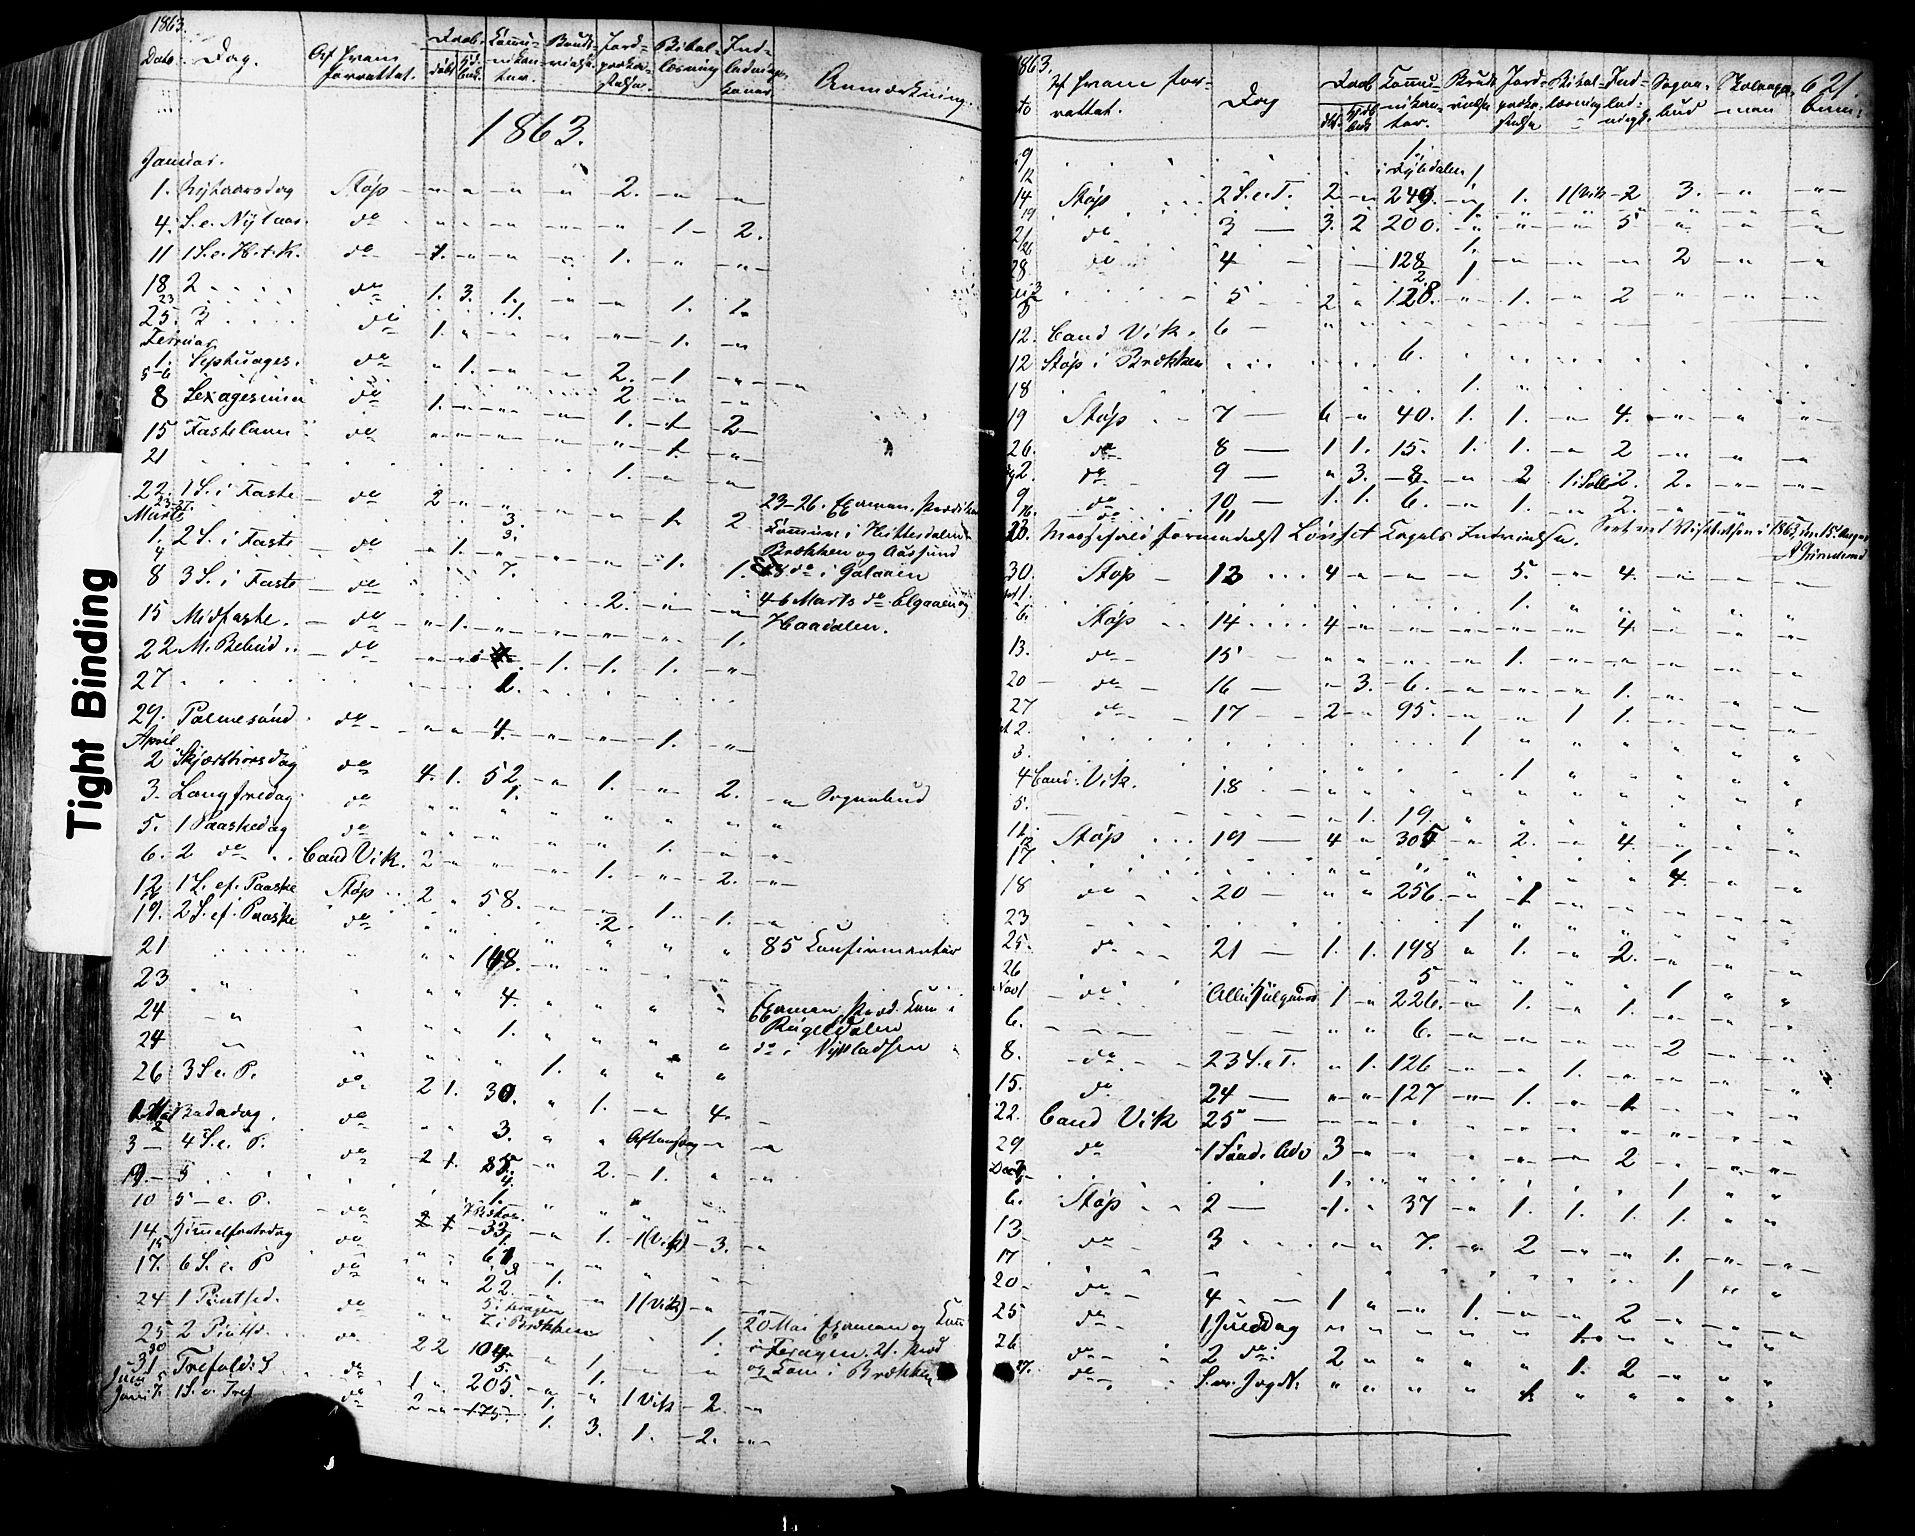 SAT, Ministerialprotokoller, klokkerbøker og fødselsregistre - Sør-Trøndelag, 681/L0932: Ministerialbok nr. 681A10, 1860-1878, s. 621